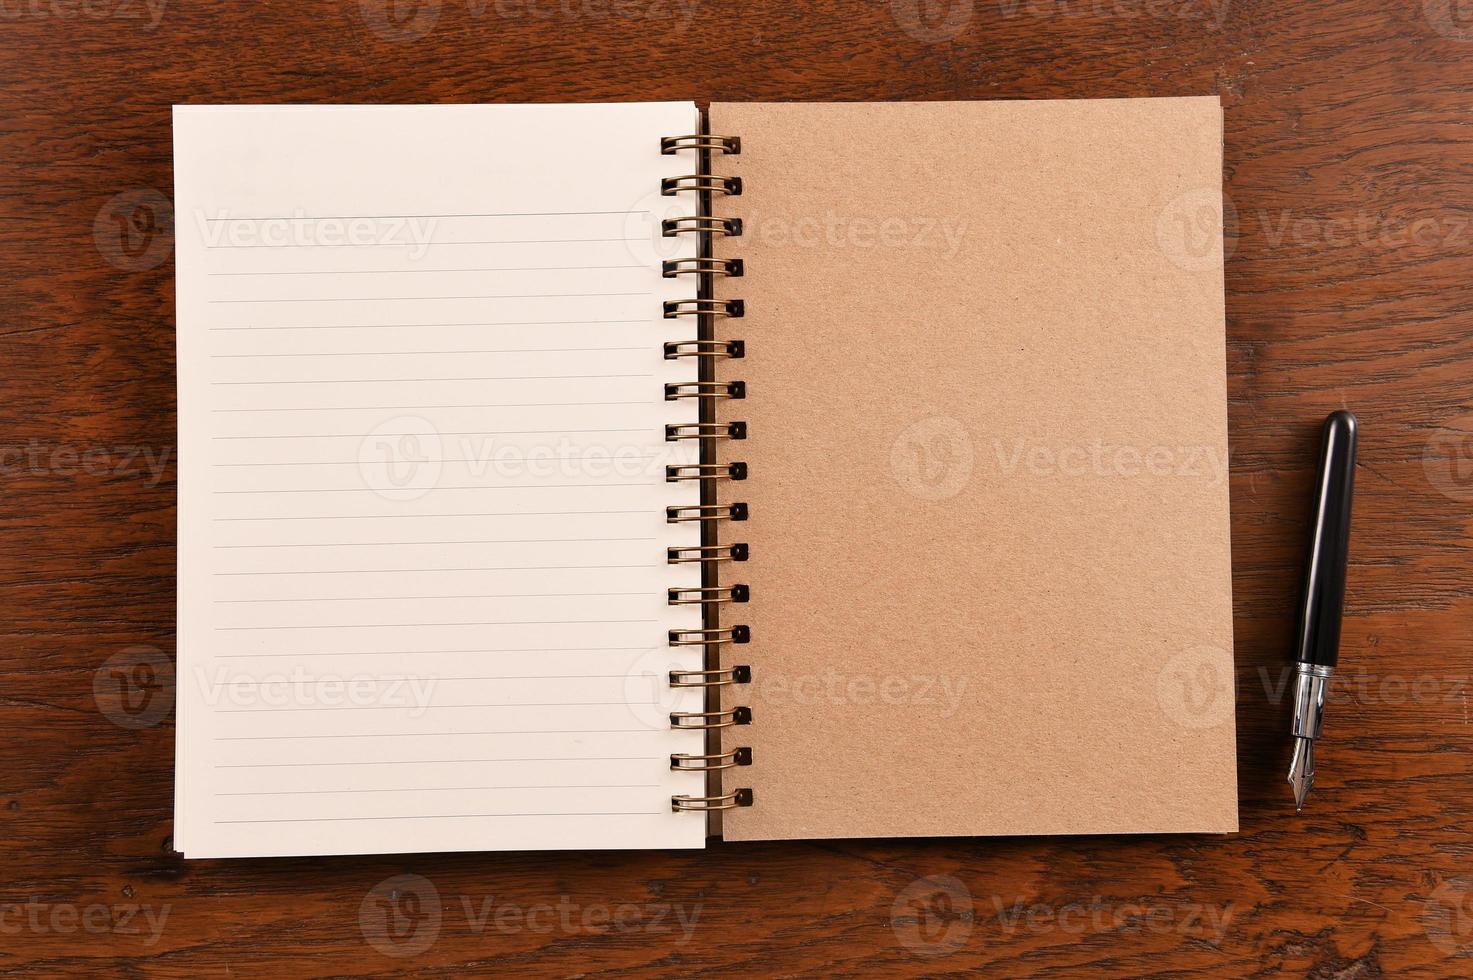 öppen anteckningsbok och penna foto